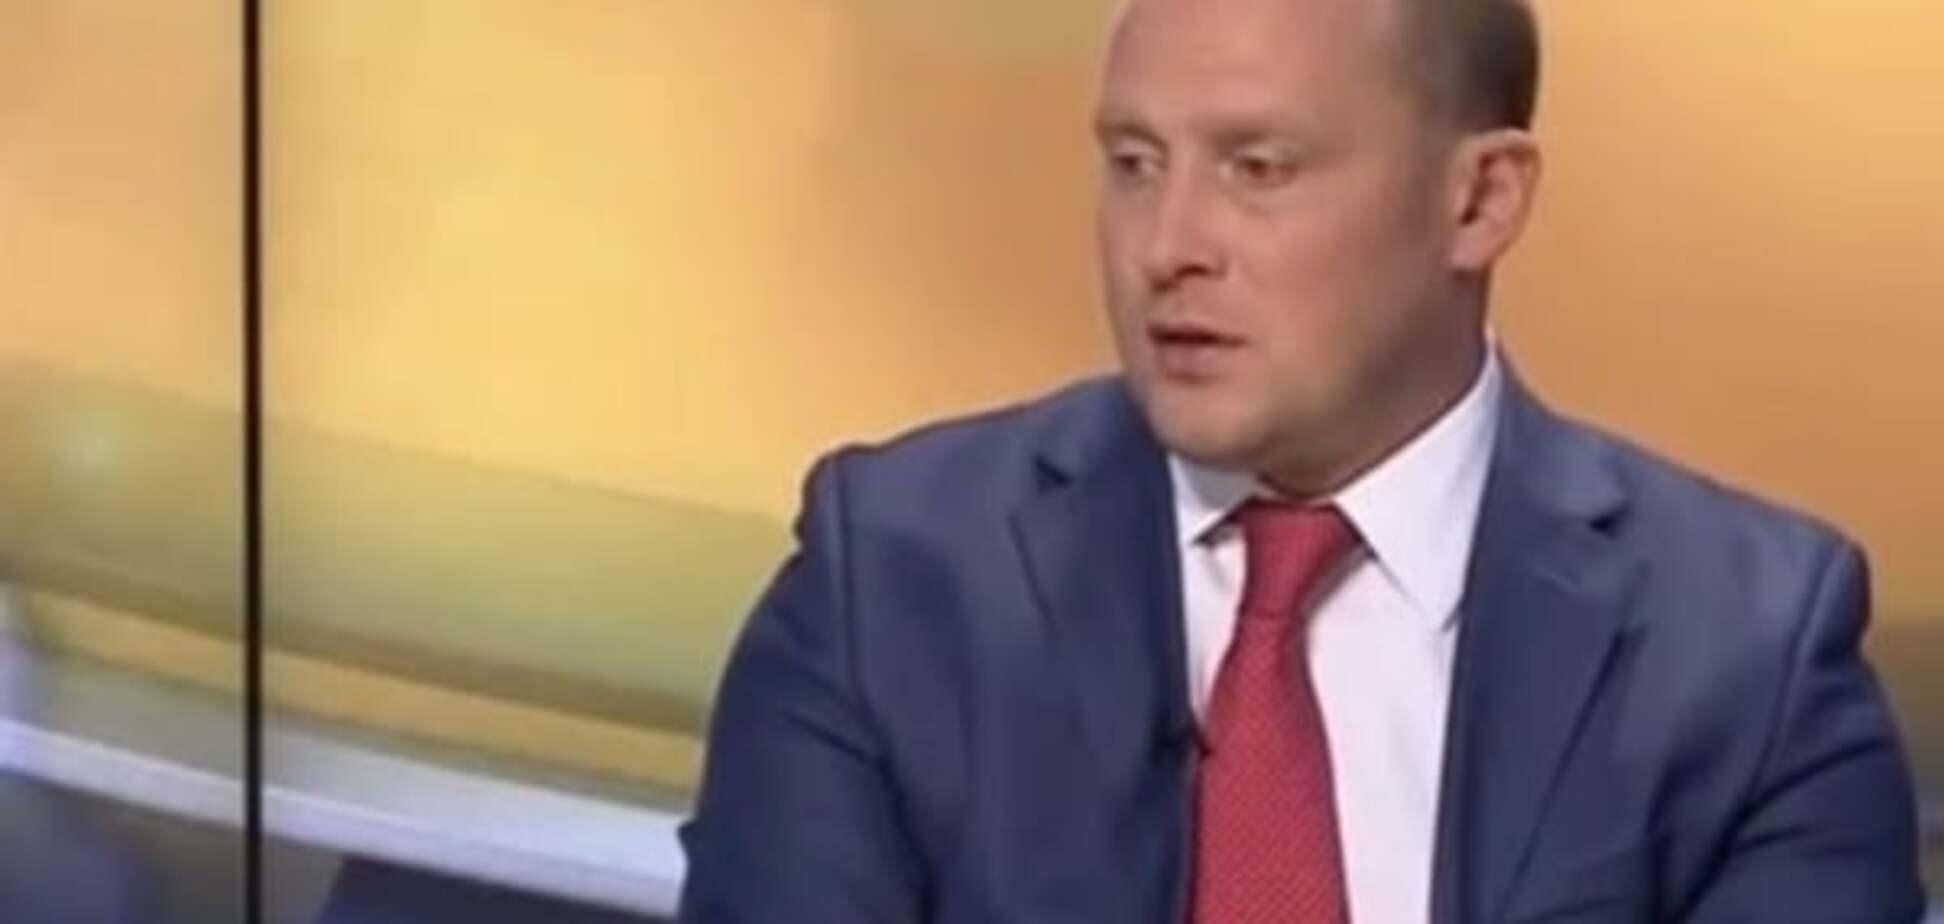 Каплин требует от ГПУ дела против Турчинова и Пашинского по сдаче Крыма и Донбасса